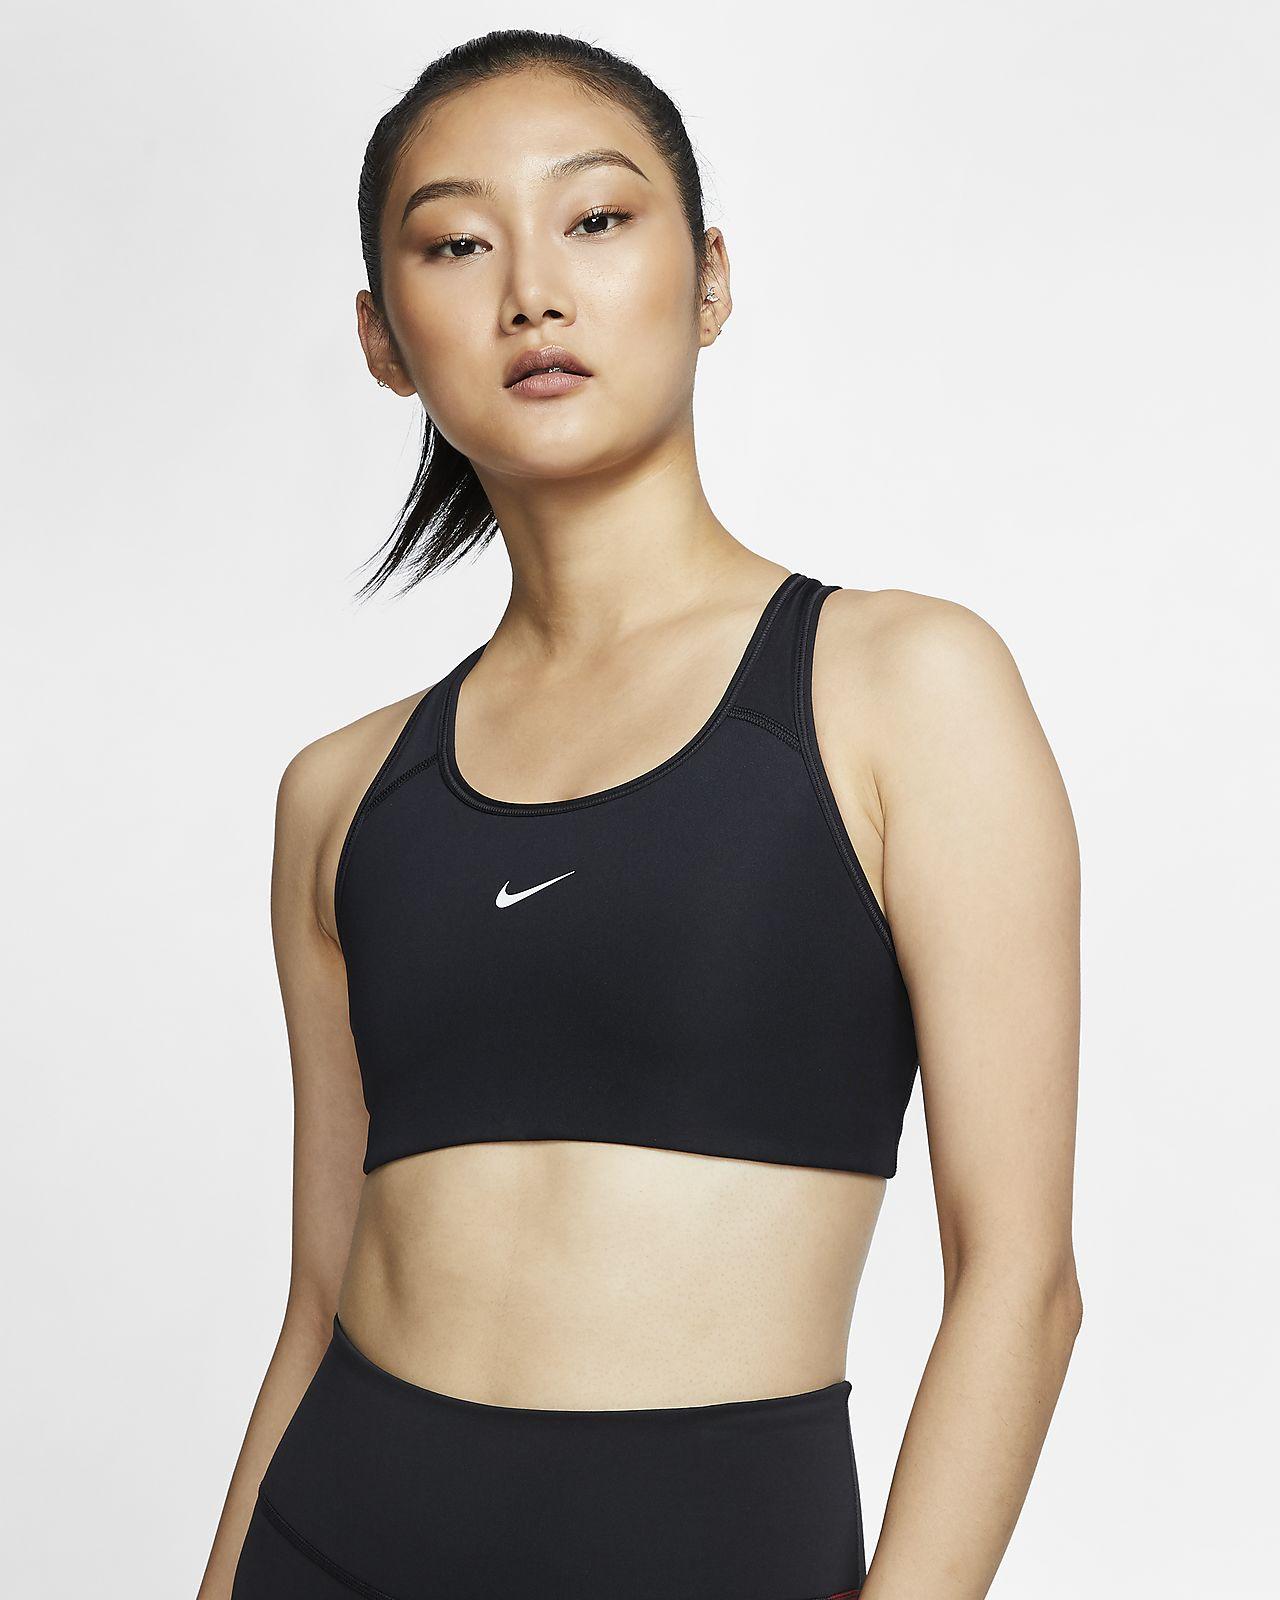 Nike Swoosh közepes tartást adó női sportmelltartó egyrészes betéttel